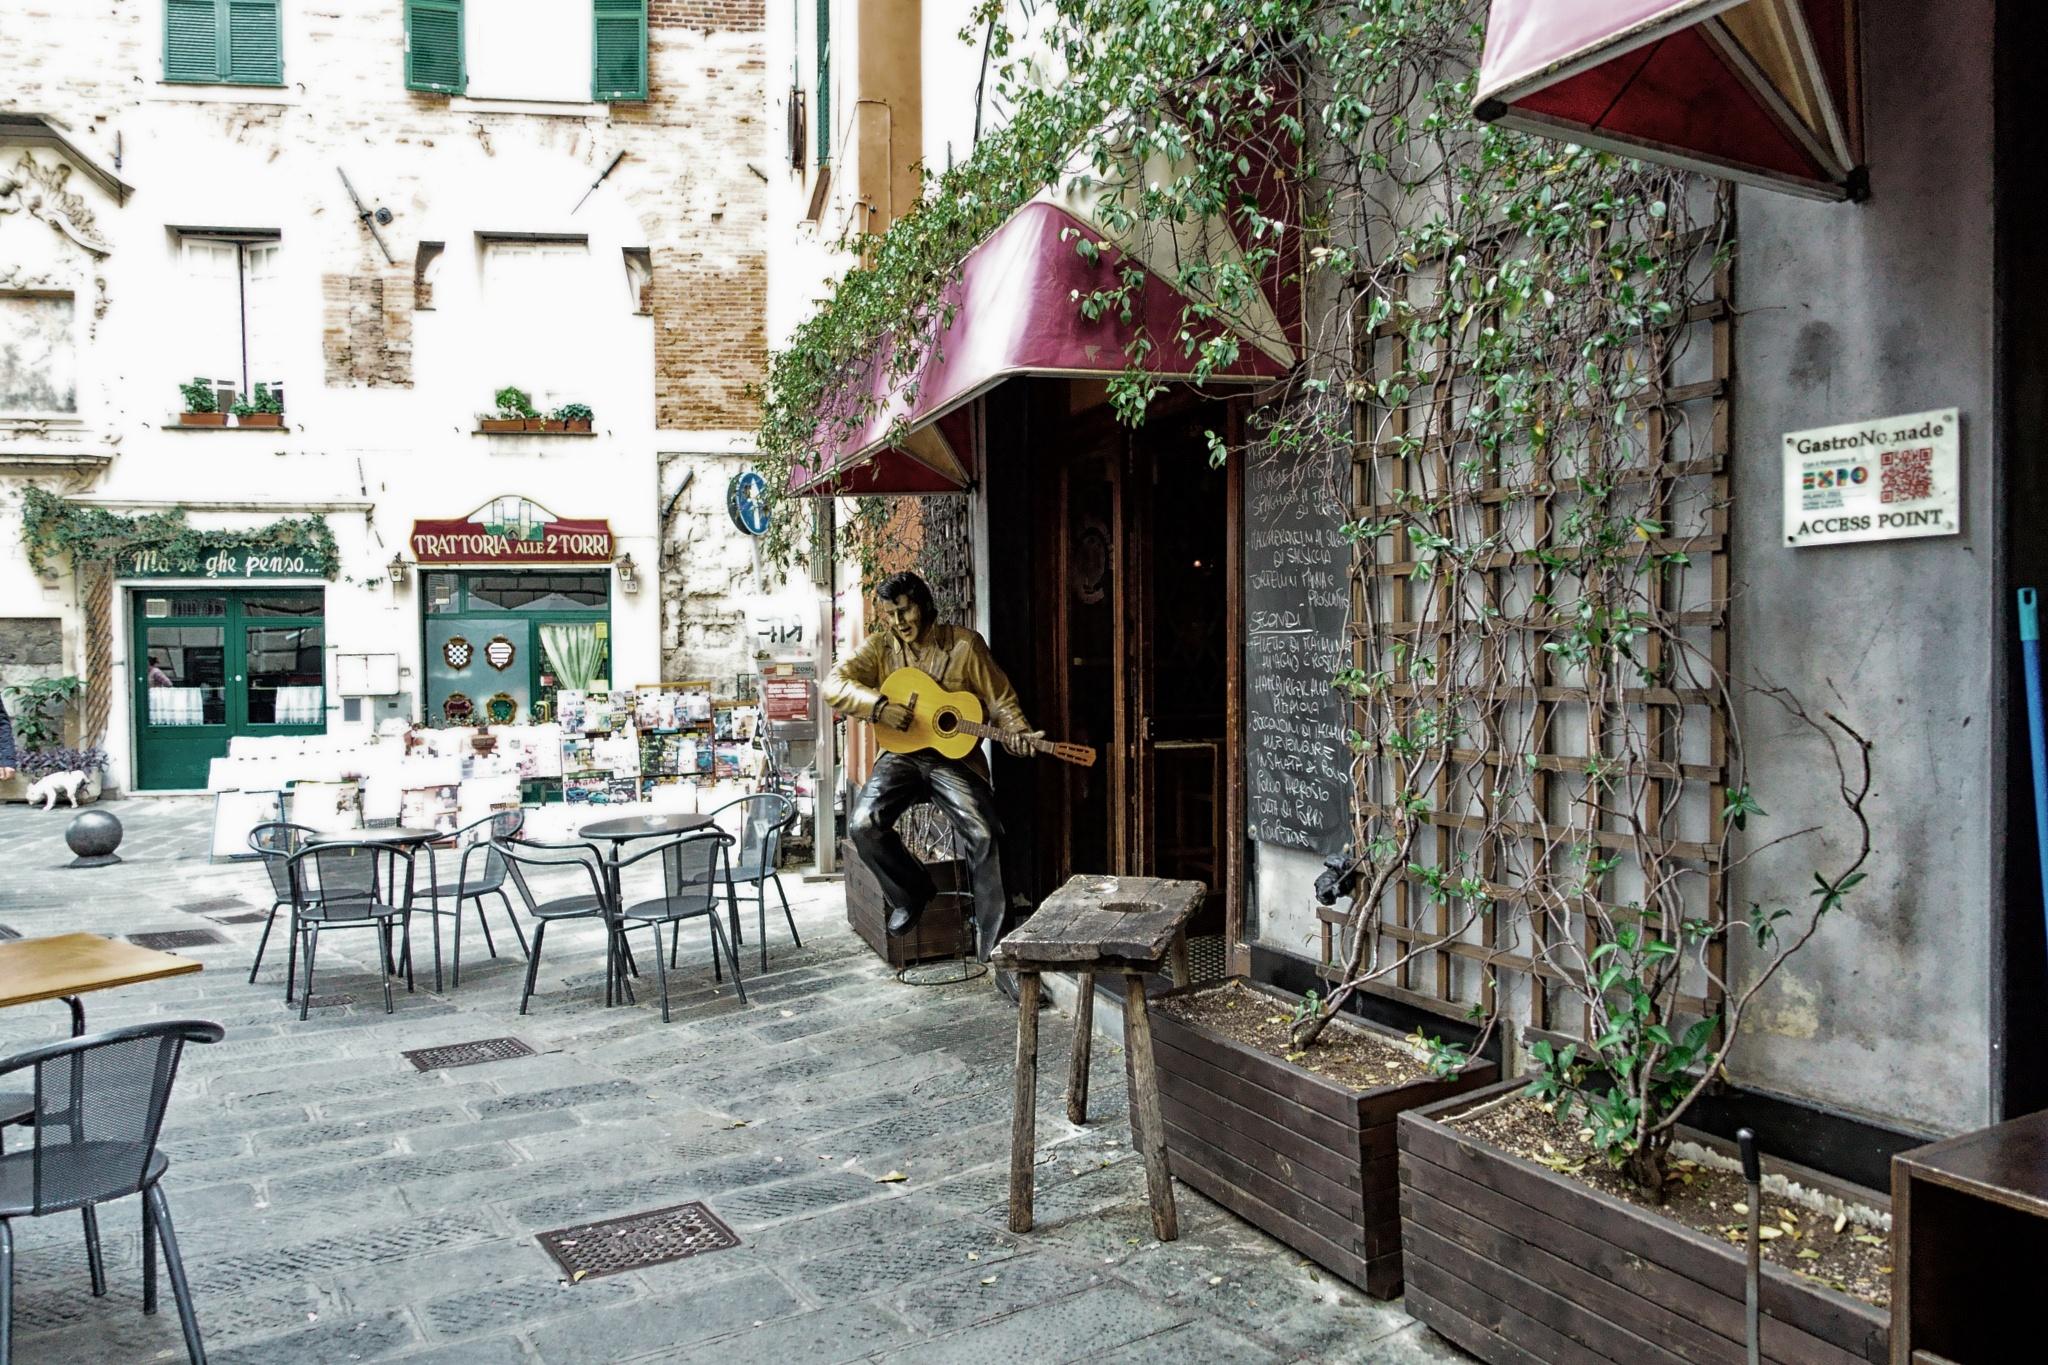 un angolo di Genova by ernesto amato